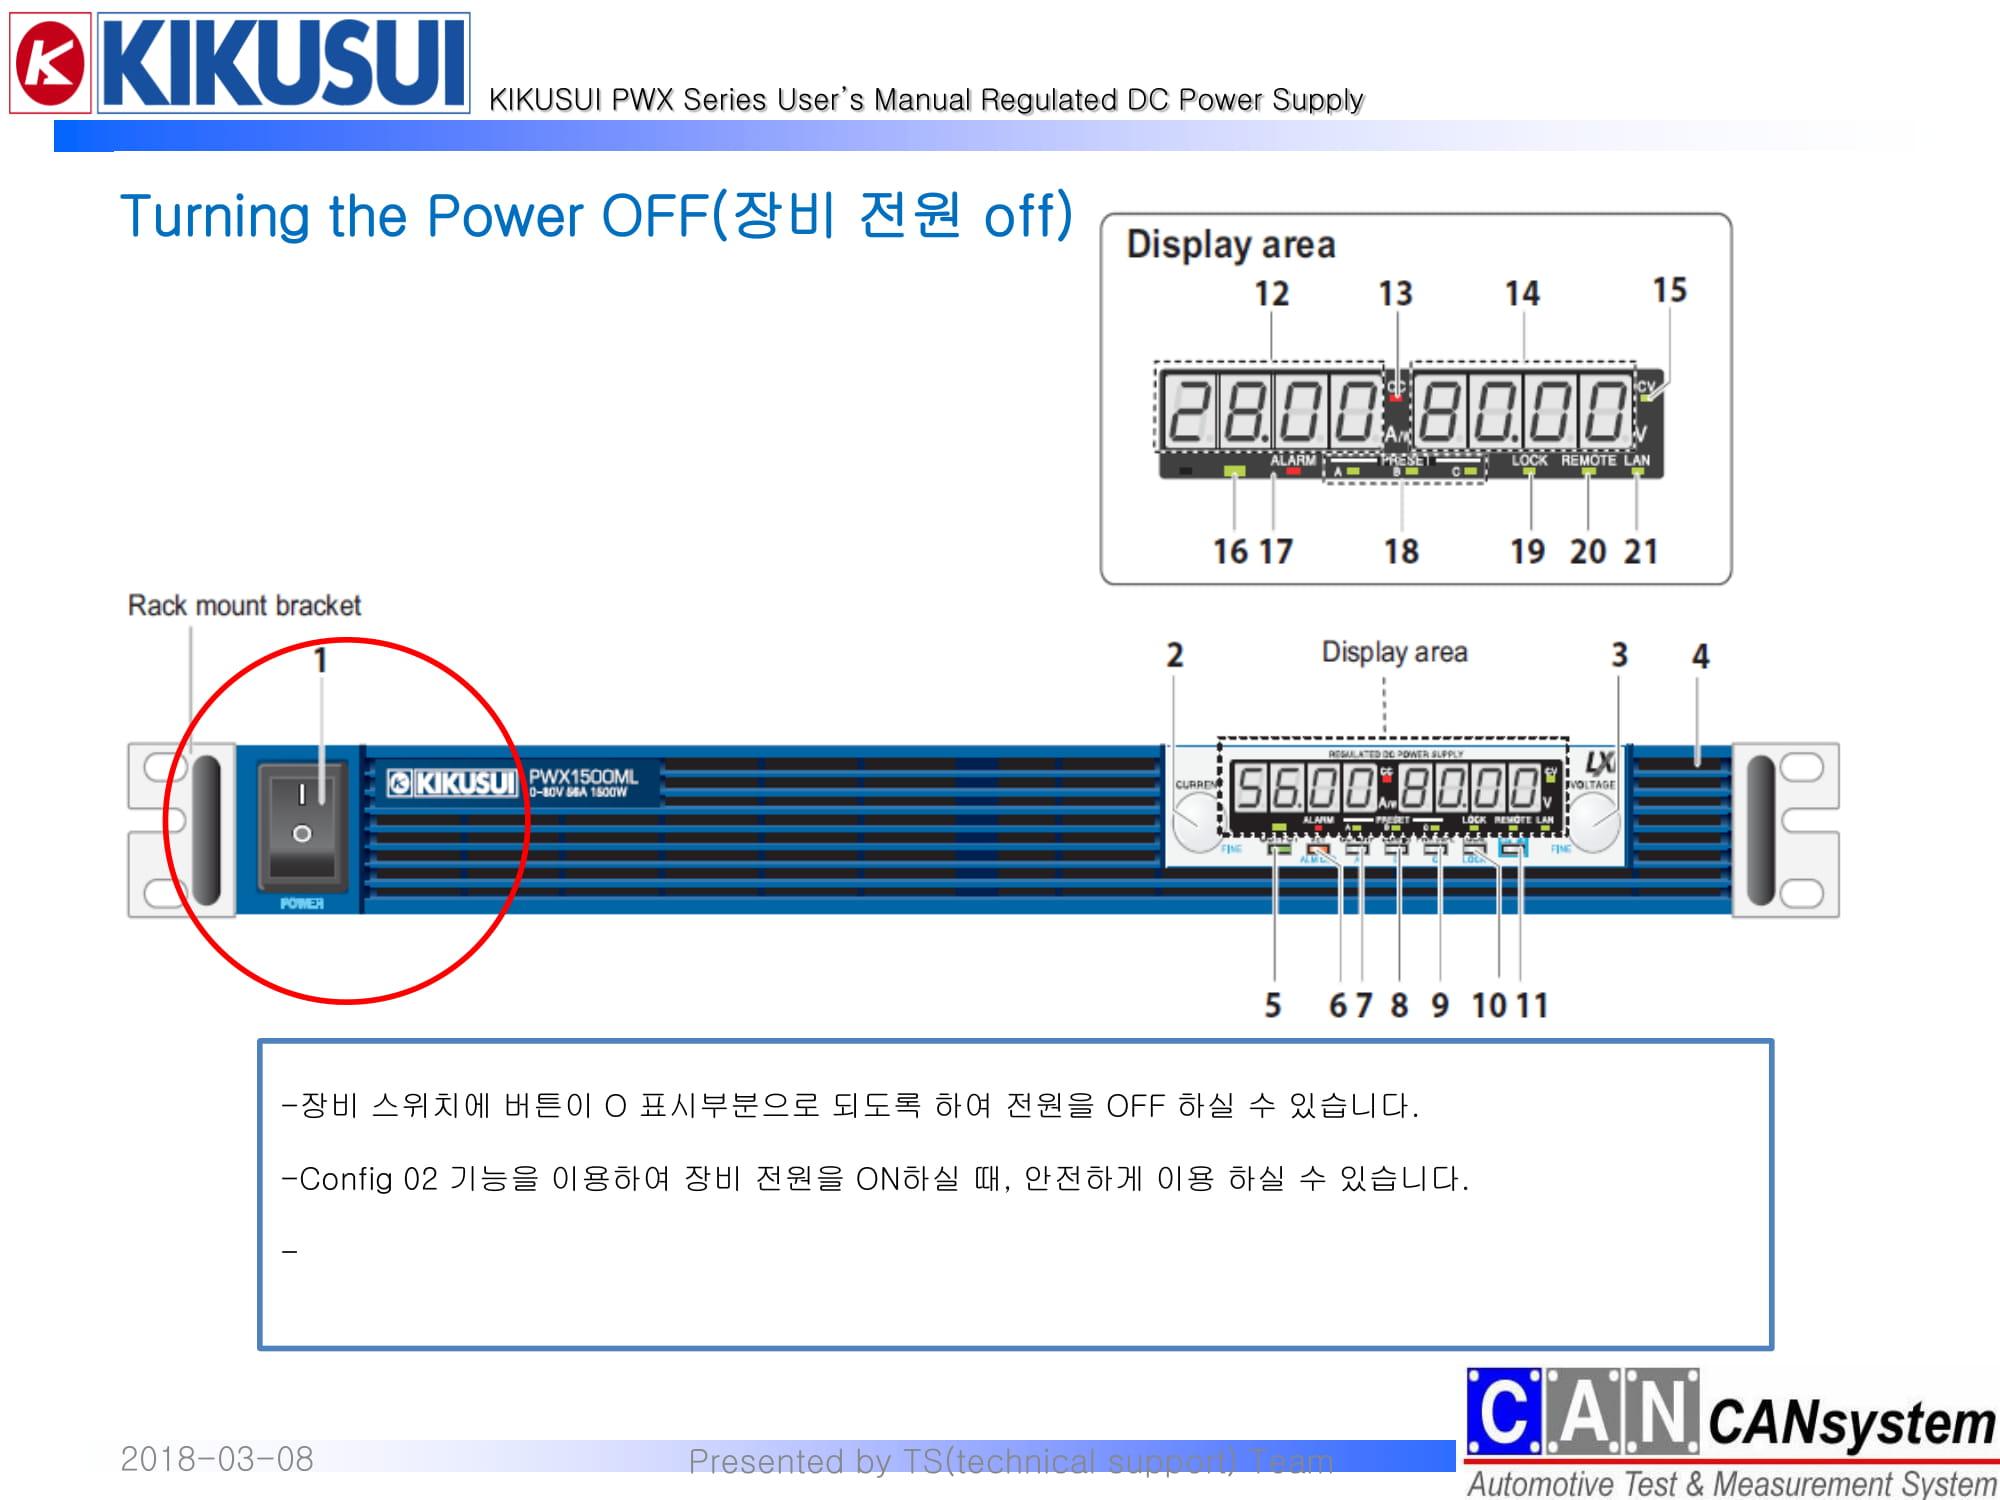 KIKUSUI PWX1500L 사용 가이드-16.jpg